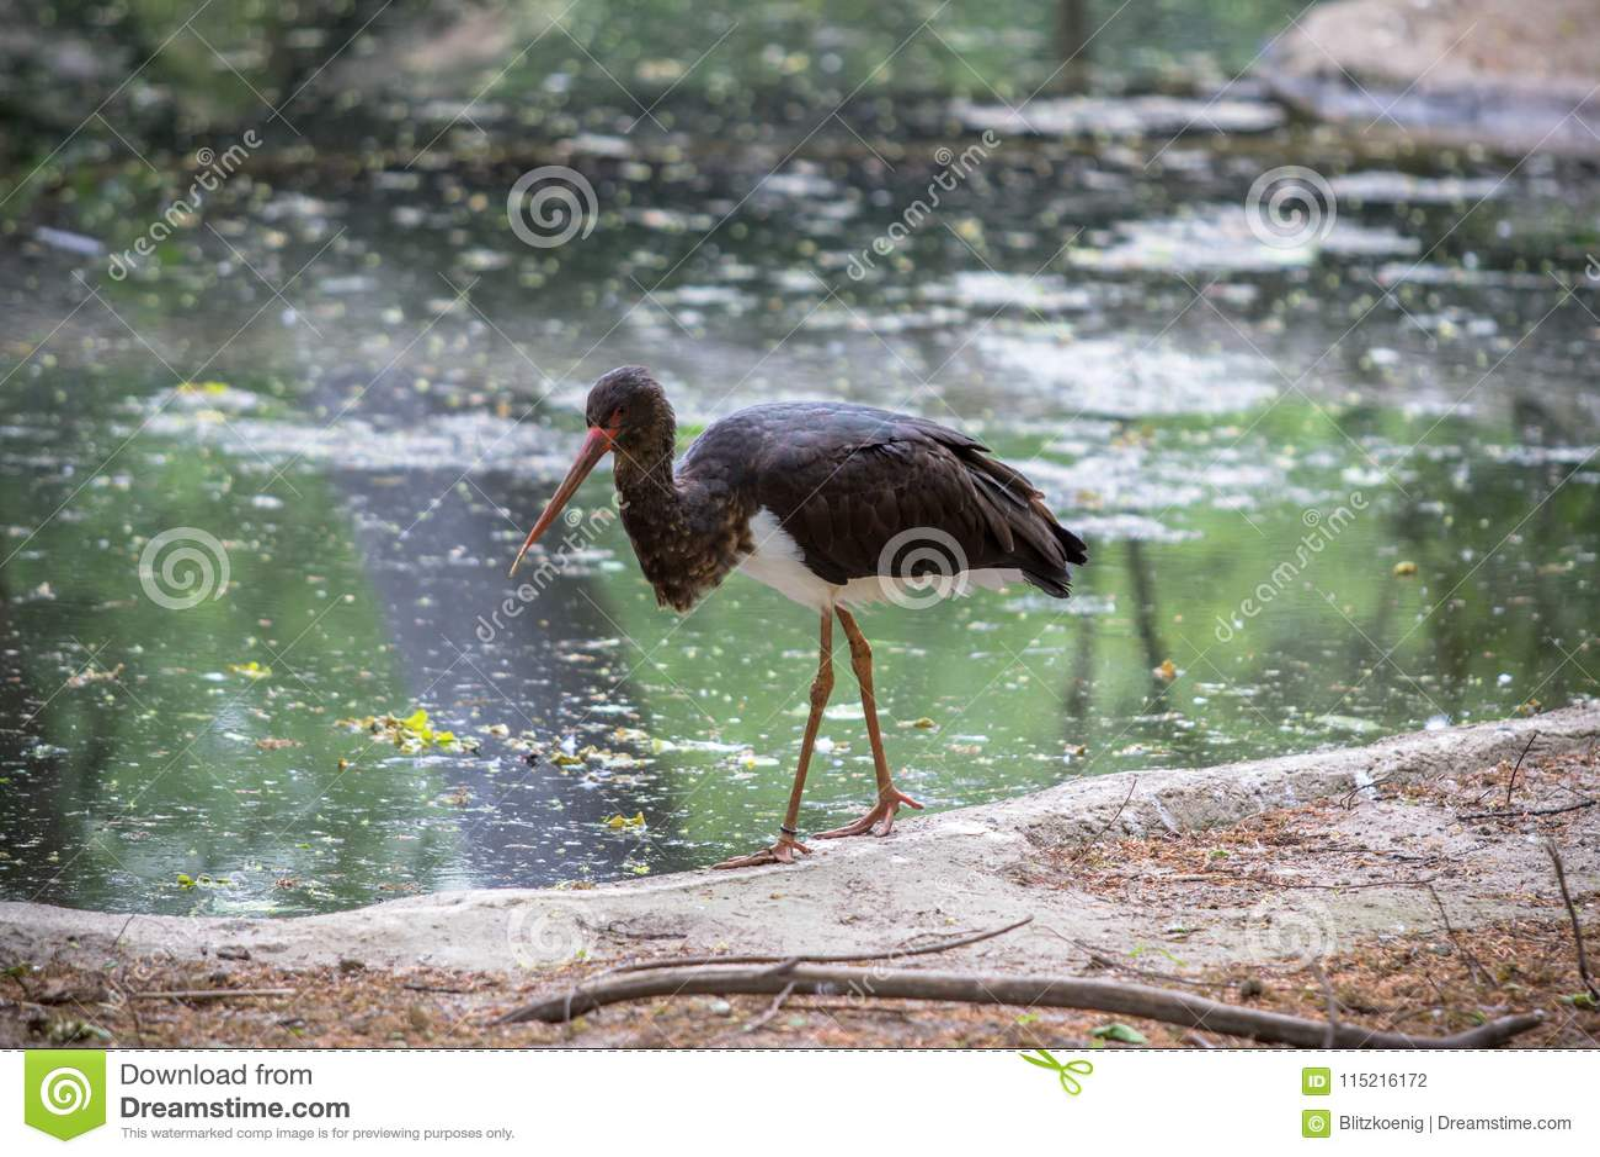 Black stork in a Zoo, Berlin